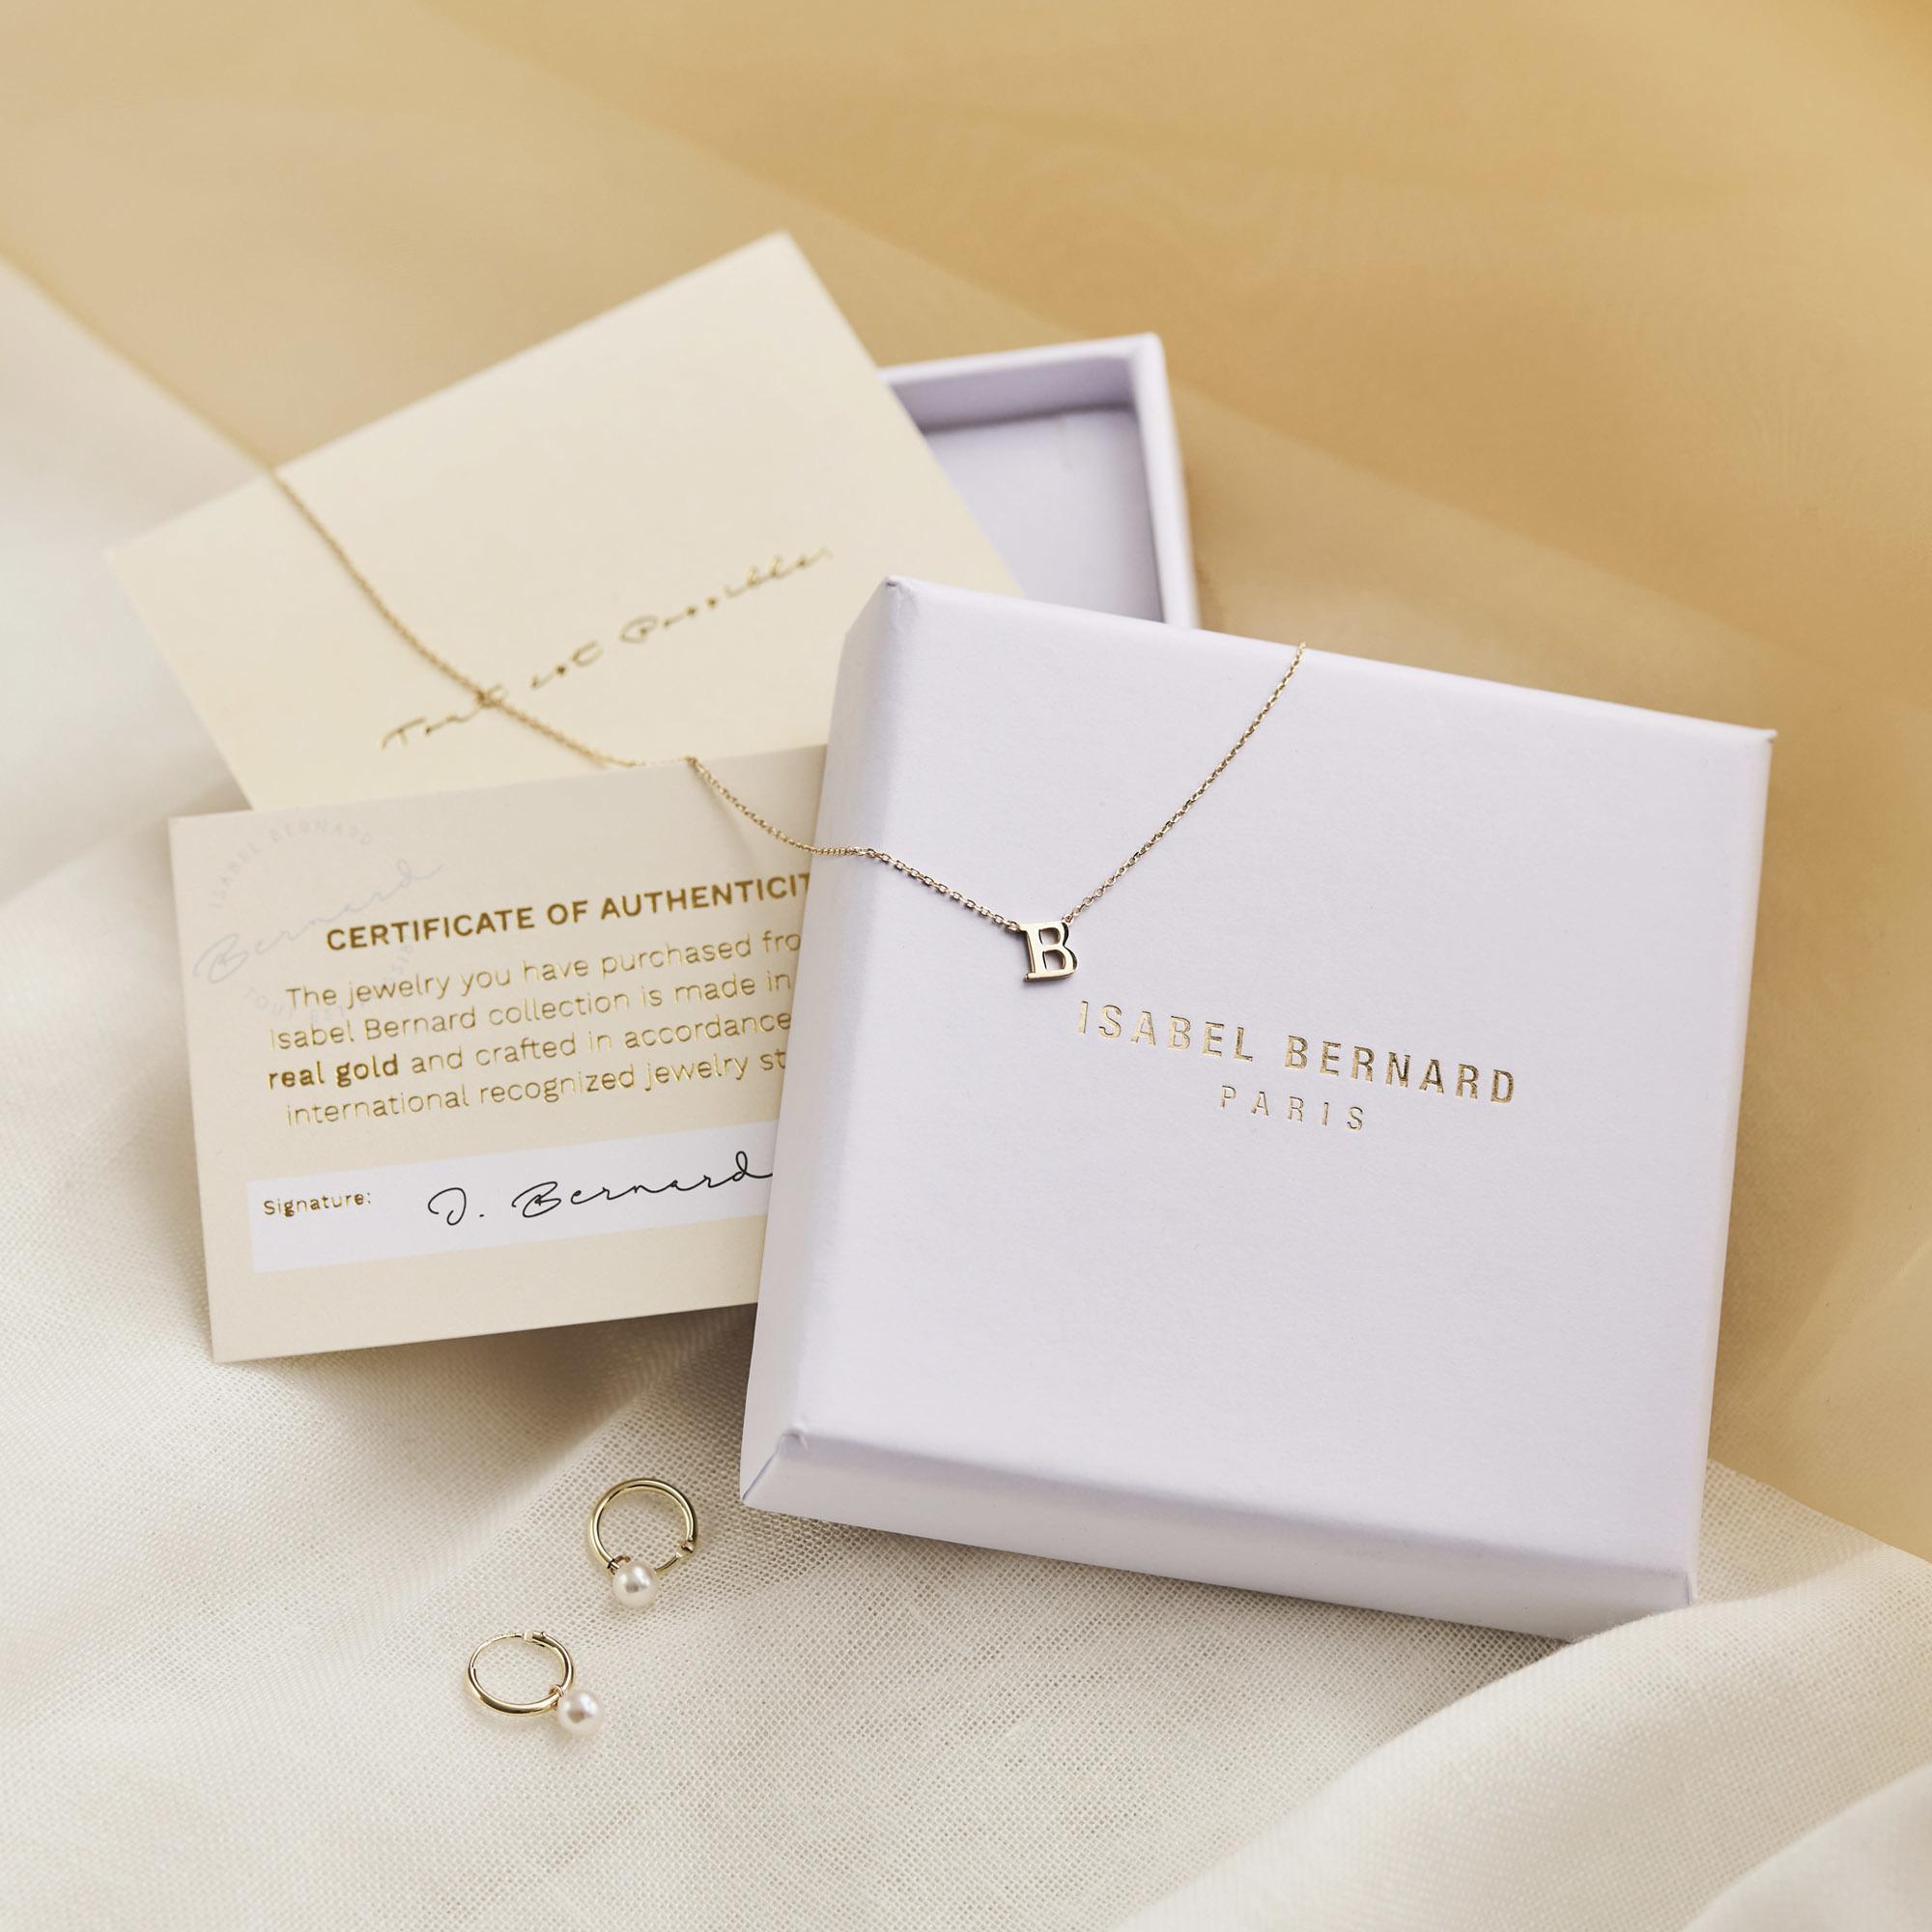 Isabel Bernard La Concorde Joelle anello in oro rosa 14 carati